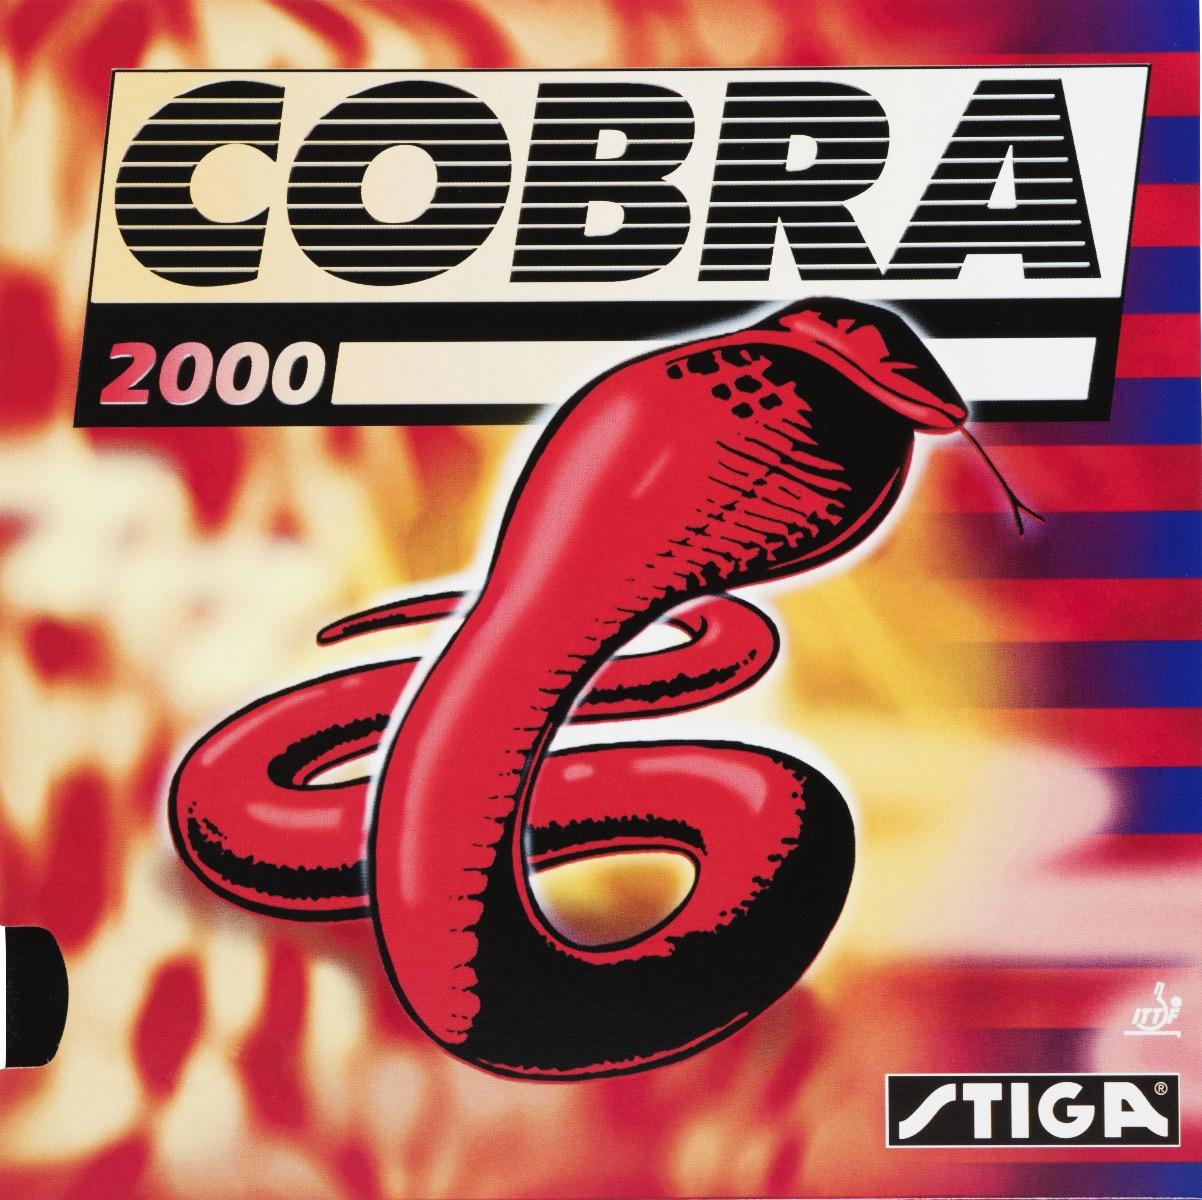 Stiga Cobra 2000